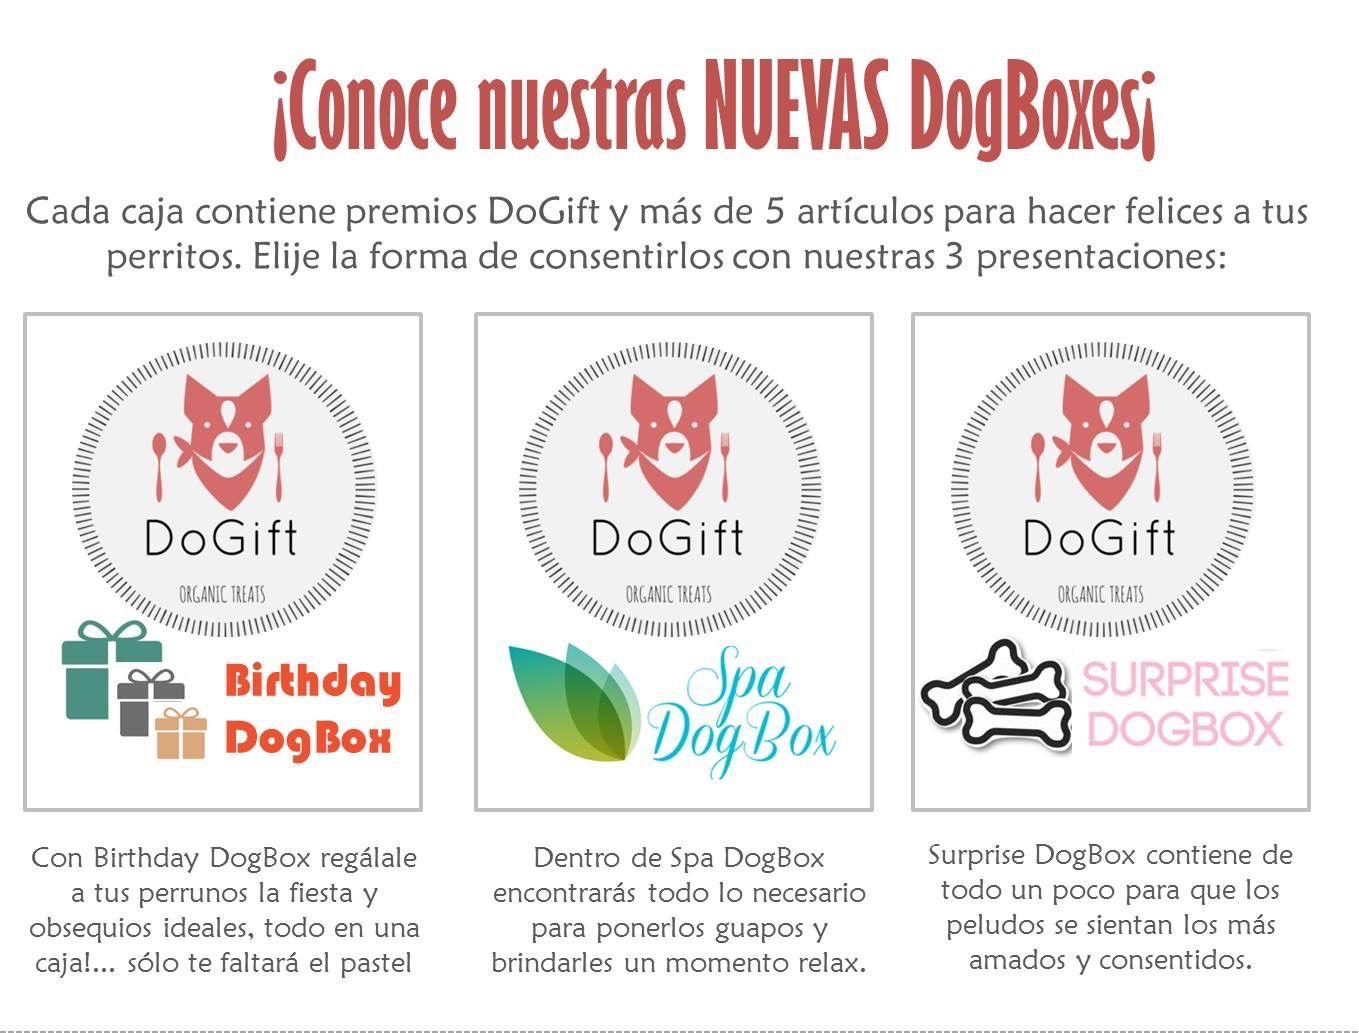 Quieres una #dogbox para tus peludos? Entra a nuestra tienda online http://evpo.st/1EZAZIs